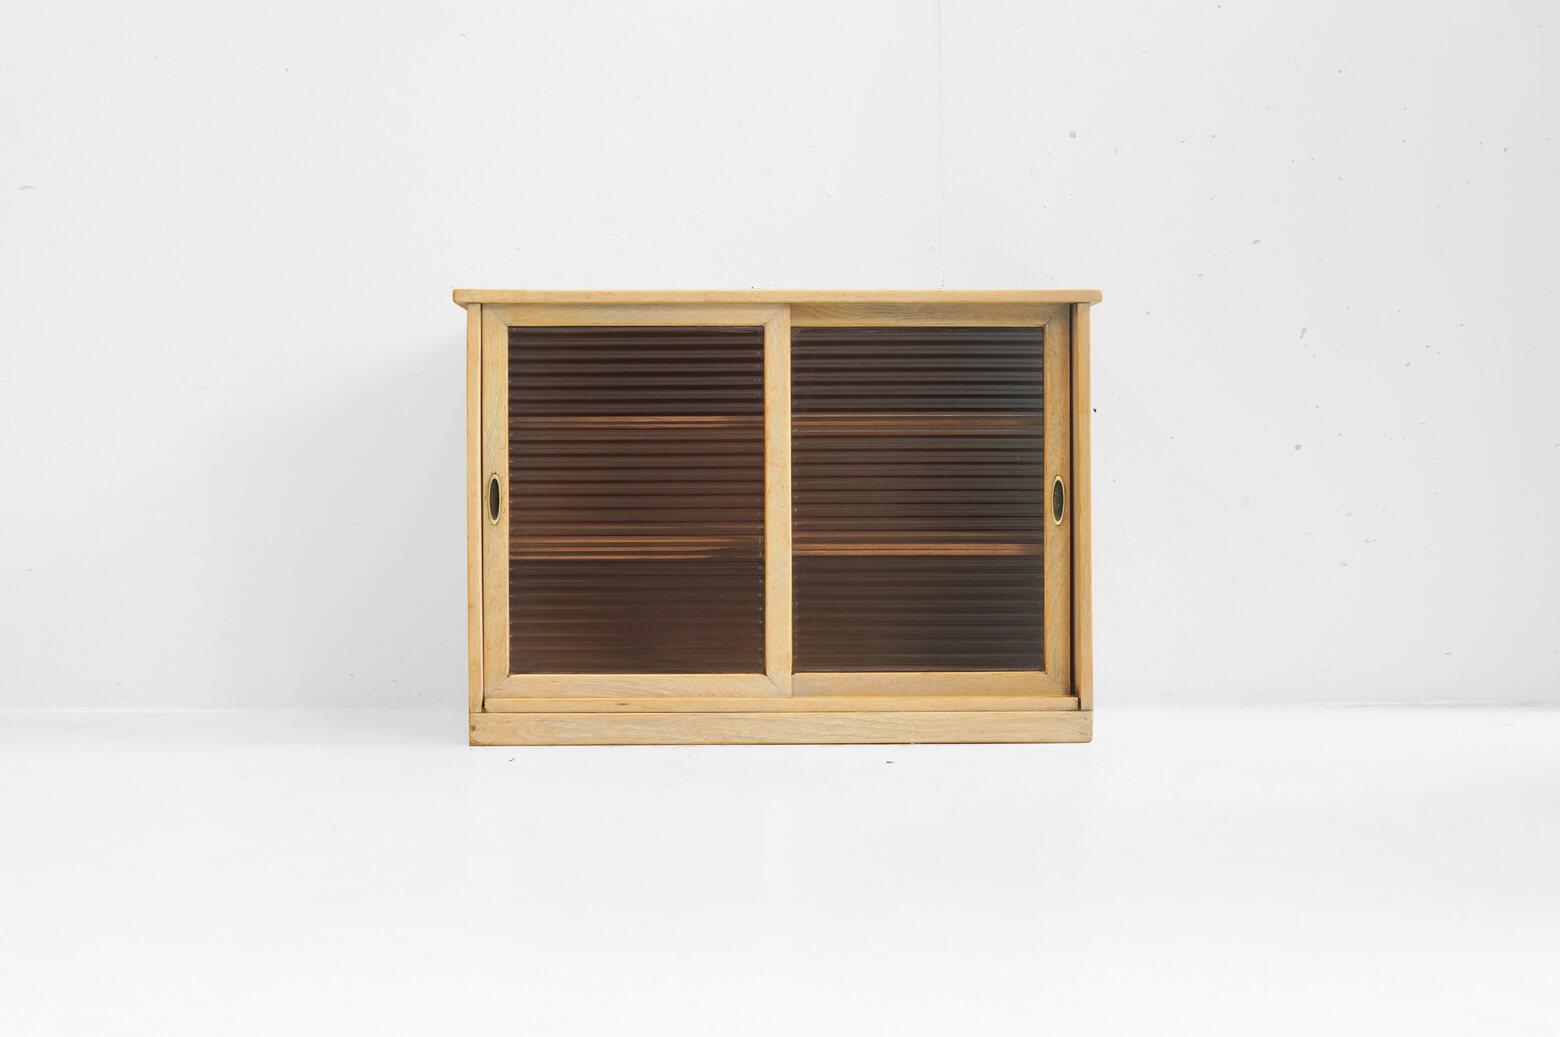 """自然な木の風合いが楽しめる、ガラスの戸棚。 モールガラスと呼ばれるストライプ柄のガラスを使用しており、より一層レトロな雰囲気を醸し出しています。 昭和レトロやノスタルジックな印象は残しつつも、こんなふうにナチュラルカラーに生まれ変わることによって、 フレンチシャビースタイルやナチュラルテイストのインテリアともグッと合わせやすくなります。 文庫本やCDの収納に、アクセサリーや香水瓶などの小物の収納に…。 中に収納したものがガラス越しに透けて見えるのもなんだか雰囲気があっていいですよ♪ 自然な木の色合いが感じられるよう、サンディングと剥離加工を施しております。 ガラスに細かな擦れ、戸棚の中に傷や汚れがございます。 棚板は取り外しができます。 昔おばあちゃんの家の茶の間にあったようなガラスの戸棚。 そんな懐かしい気分にさせてくれるレトロな家具も丁寧に加工することによって、現代でも使いやすい家具に生まれ変わります。 そしてまた使い込むほどに""""新しい味""""が生まれるのです… ~【東京都杉並区阿佐ヶ谷北アンティークショップ 古一】 古一/ふるいちでは出張無料買取も行っております。杉並区周辺はもちろん、世田谷区・目黒区・武蔵野市・新宿区等の東京近郊のお見積もりも!ビンテージ家具・インテリア雑貨・ランプ・USED品・ リサイクルなら古一/フルイチへ~"""